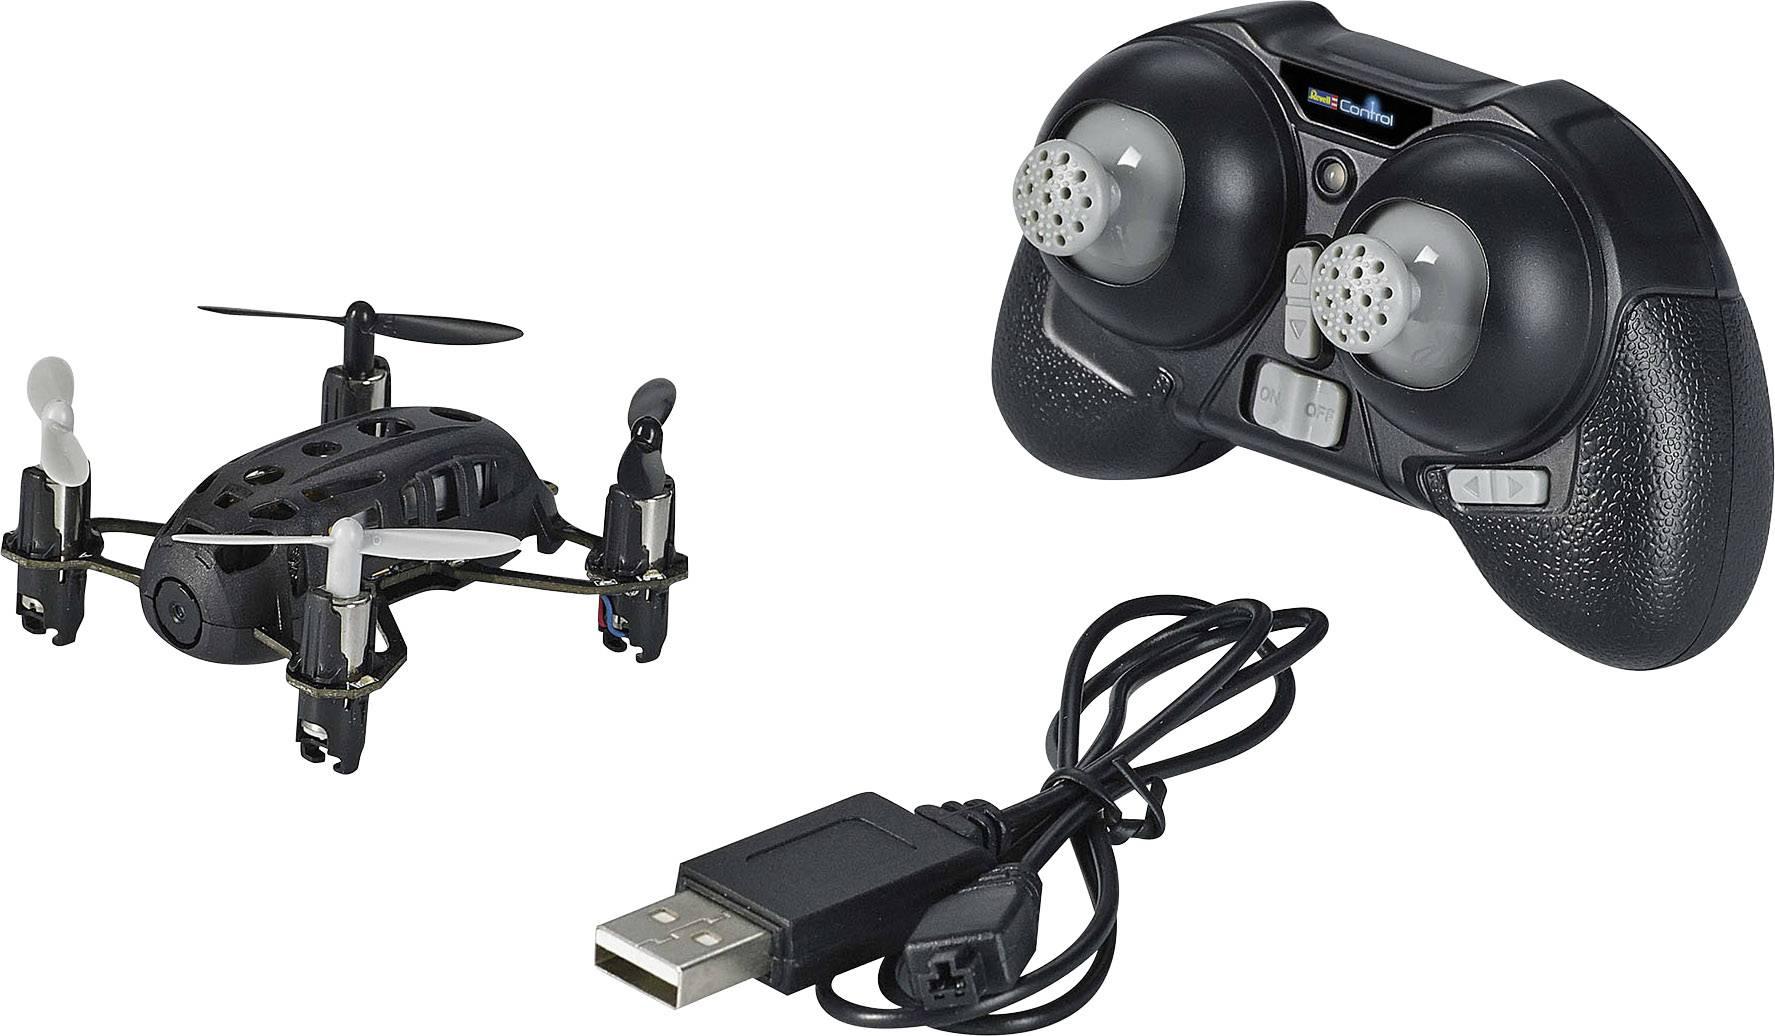 Dron Revell Control Nano Quad Cam, RtF